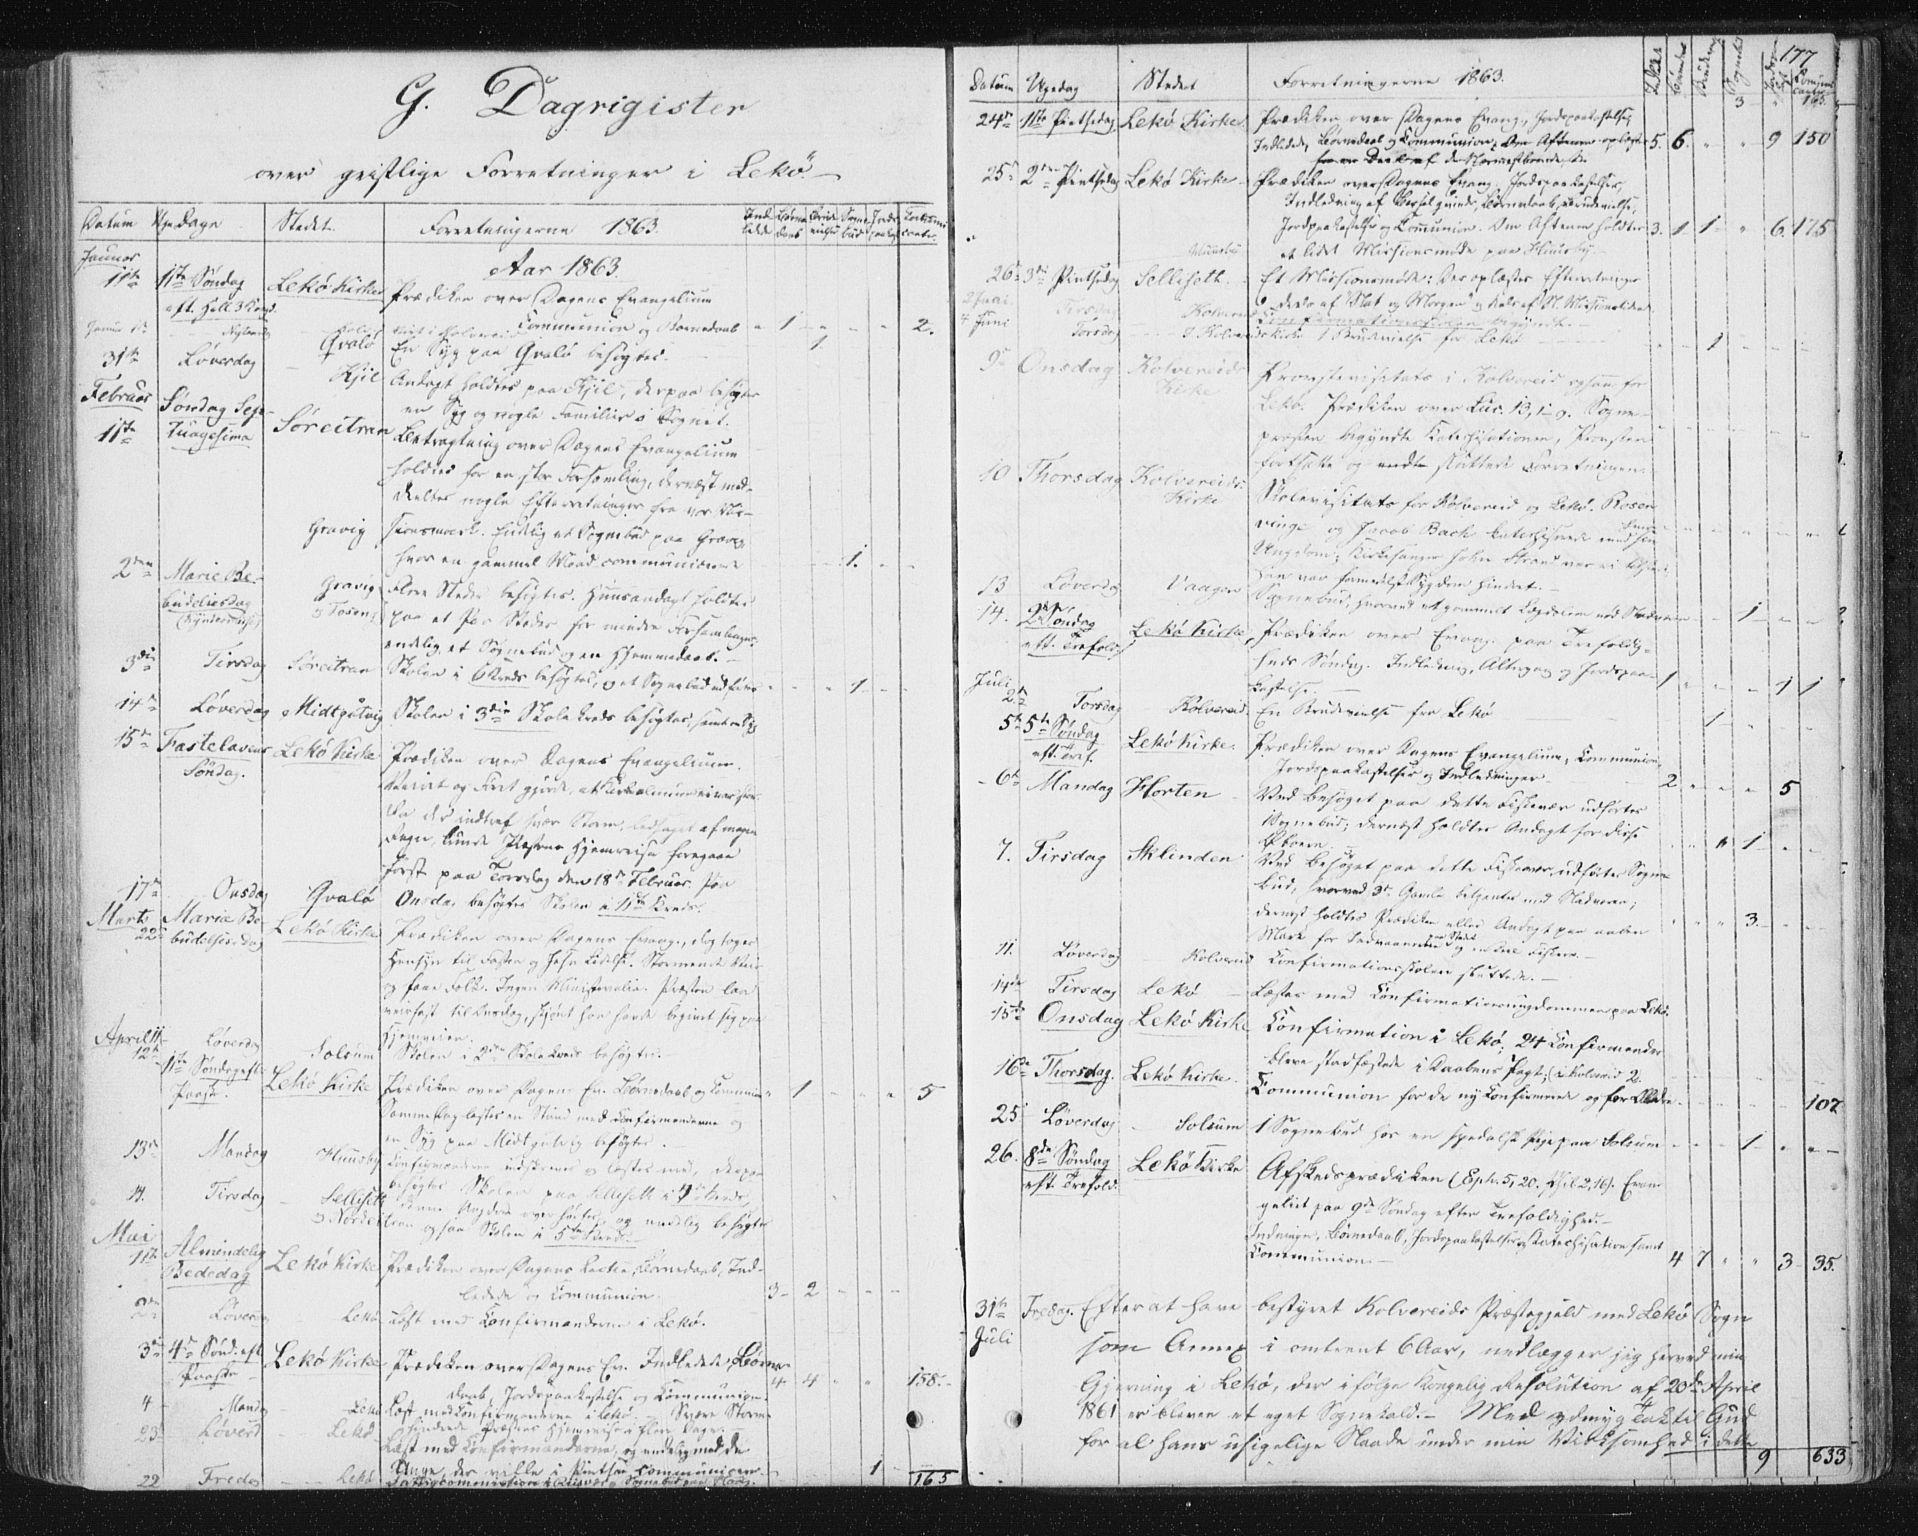 SAT, Ministerialprotokoller, klokkerbøker og fødselsregistre - Nord-Trøndelag, 788/L0696: Ministerialbok nr. 788A03, 1863-1877, s. 177